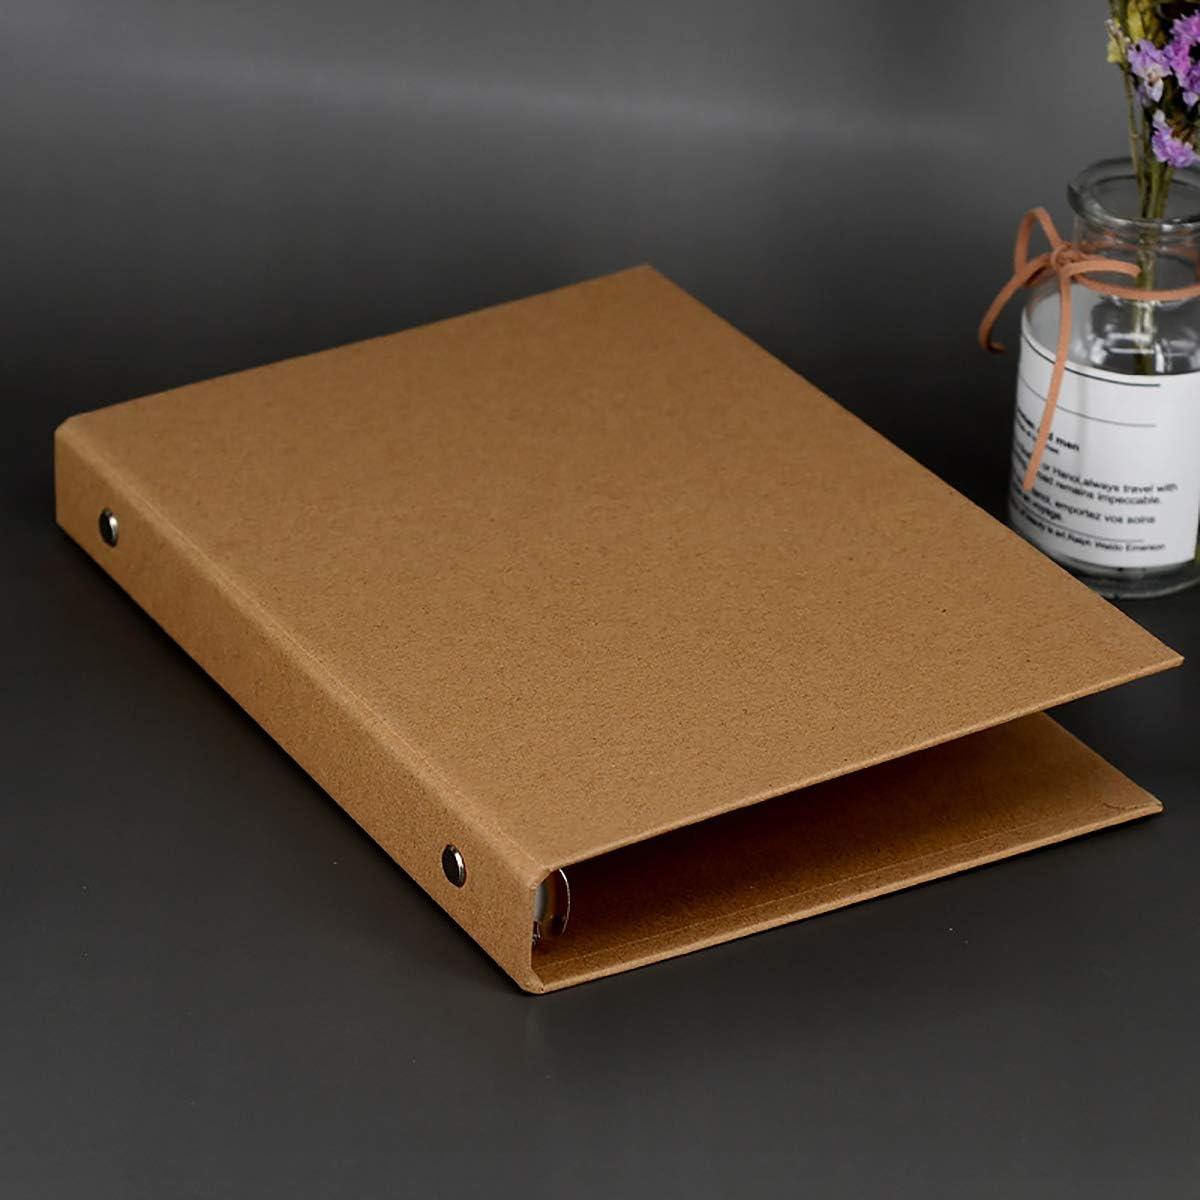 carpeta de papel kraft multifunci/ón Carpeta de anillas Archivador de anillas DIN A5 cubierta de bricolaje para cuaderno de dibujo Carpeta forrada 6 anillas 9.17 * 6.9 * 1.2 pulgadas